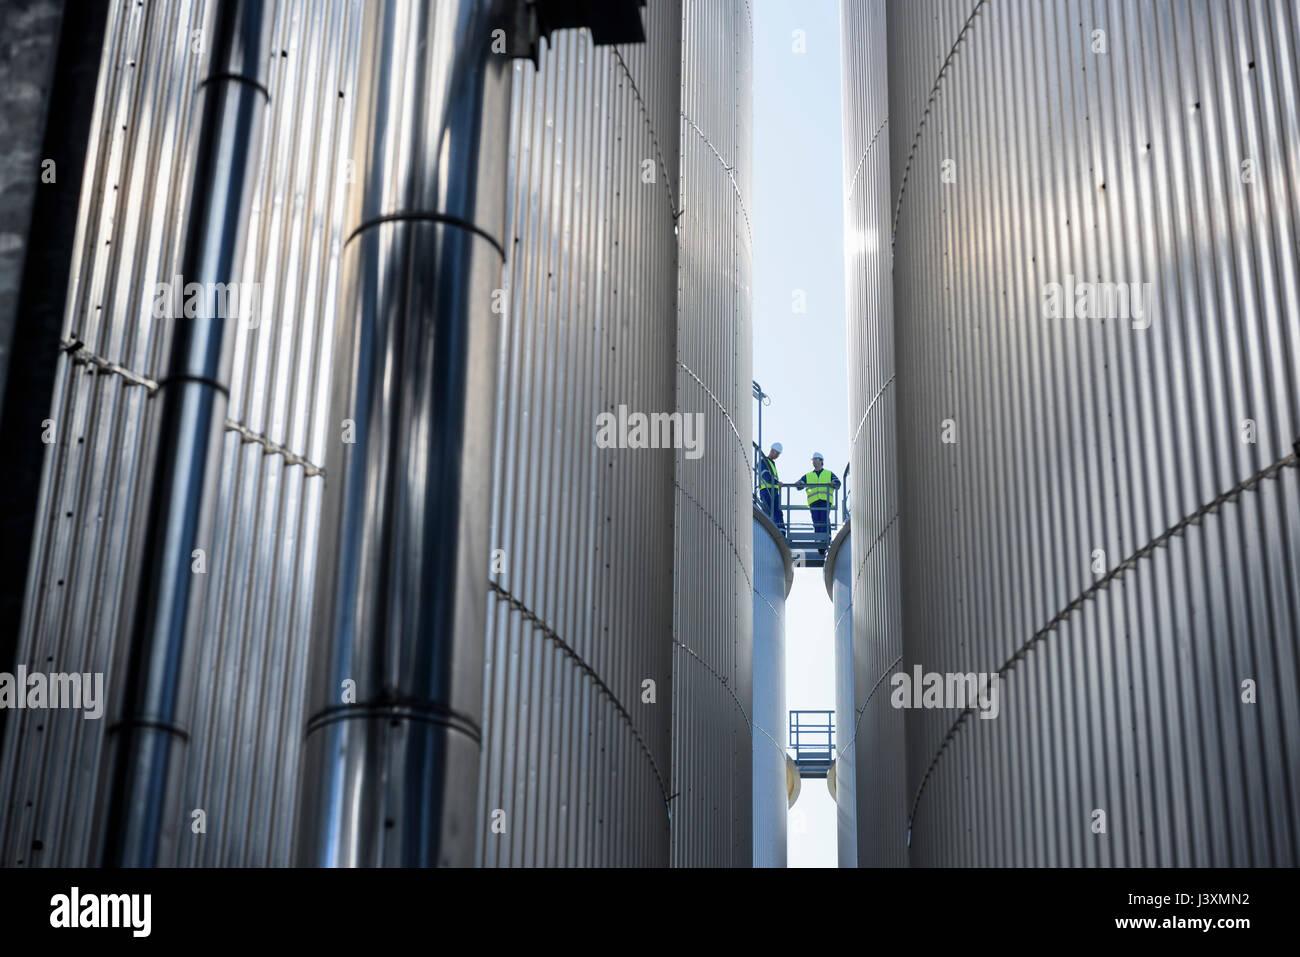 Le travailleur haut de réservoirs de stockage dans l'huile d'usine de mélange Photo Stock